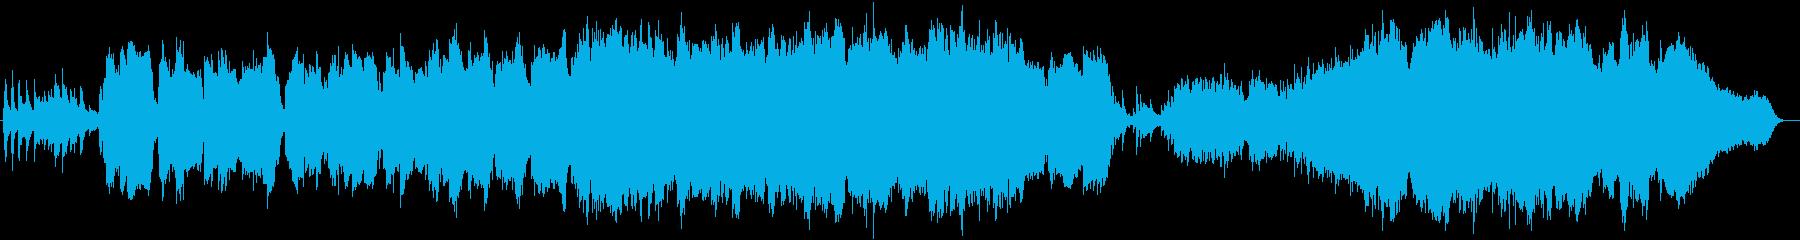 大切な人への想いあふれるクラリネット曲の再生済みの波形